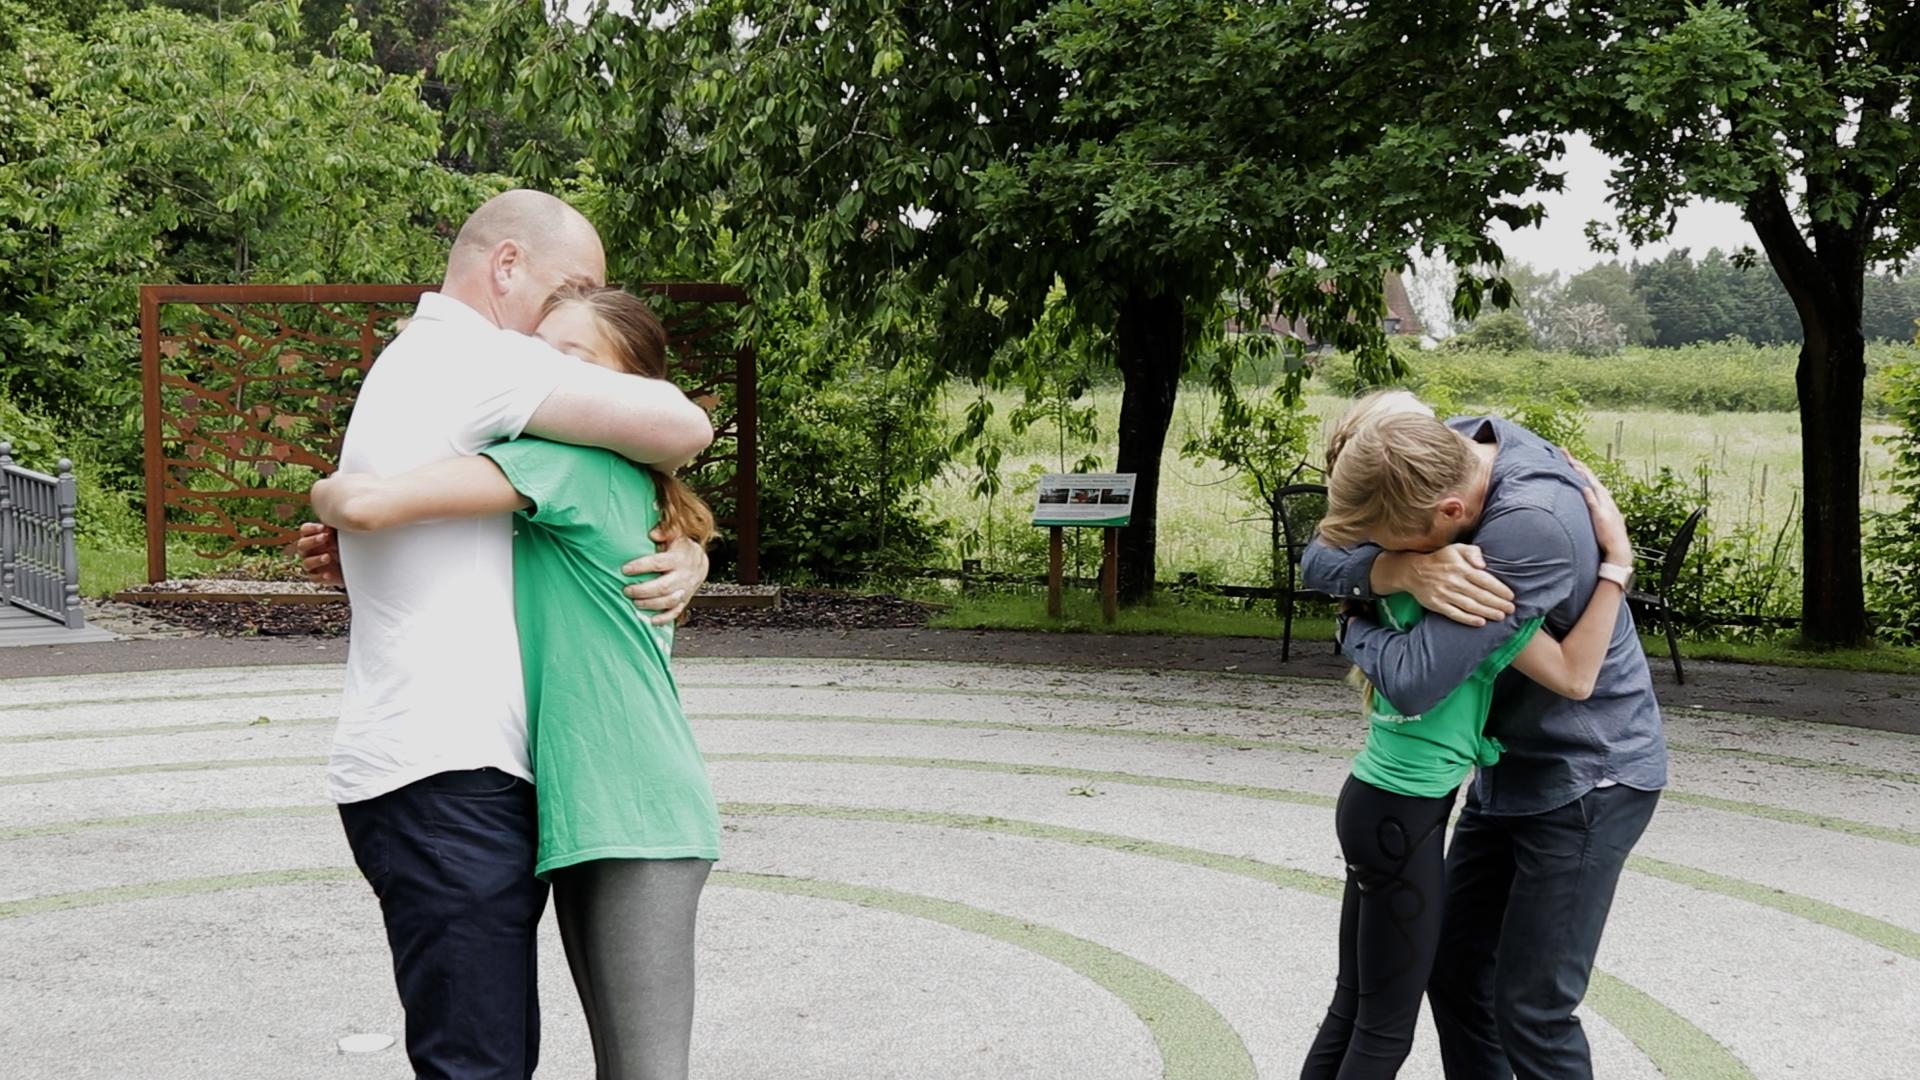 Aurora and Bertie hug their dads